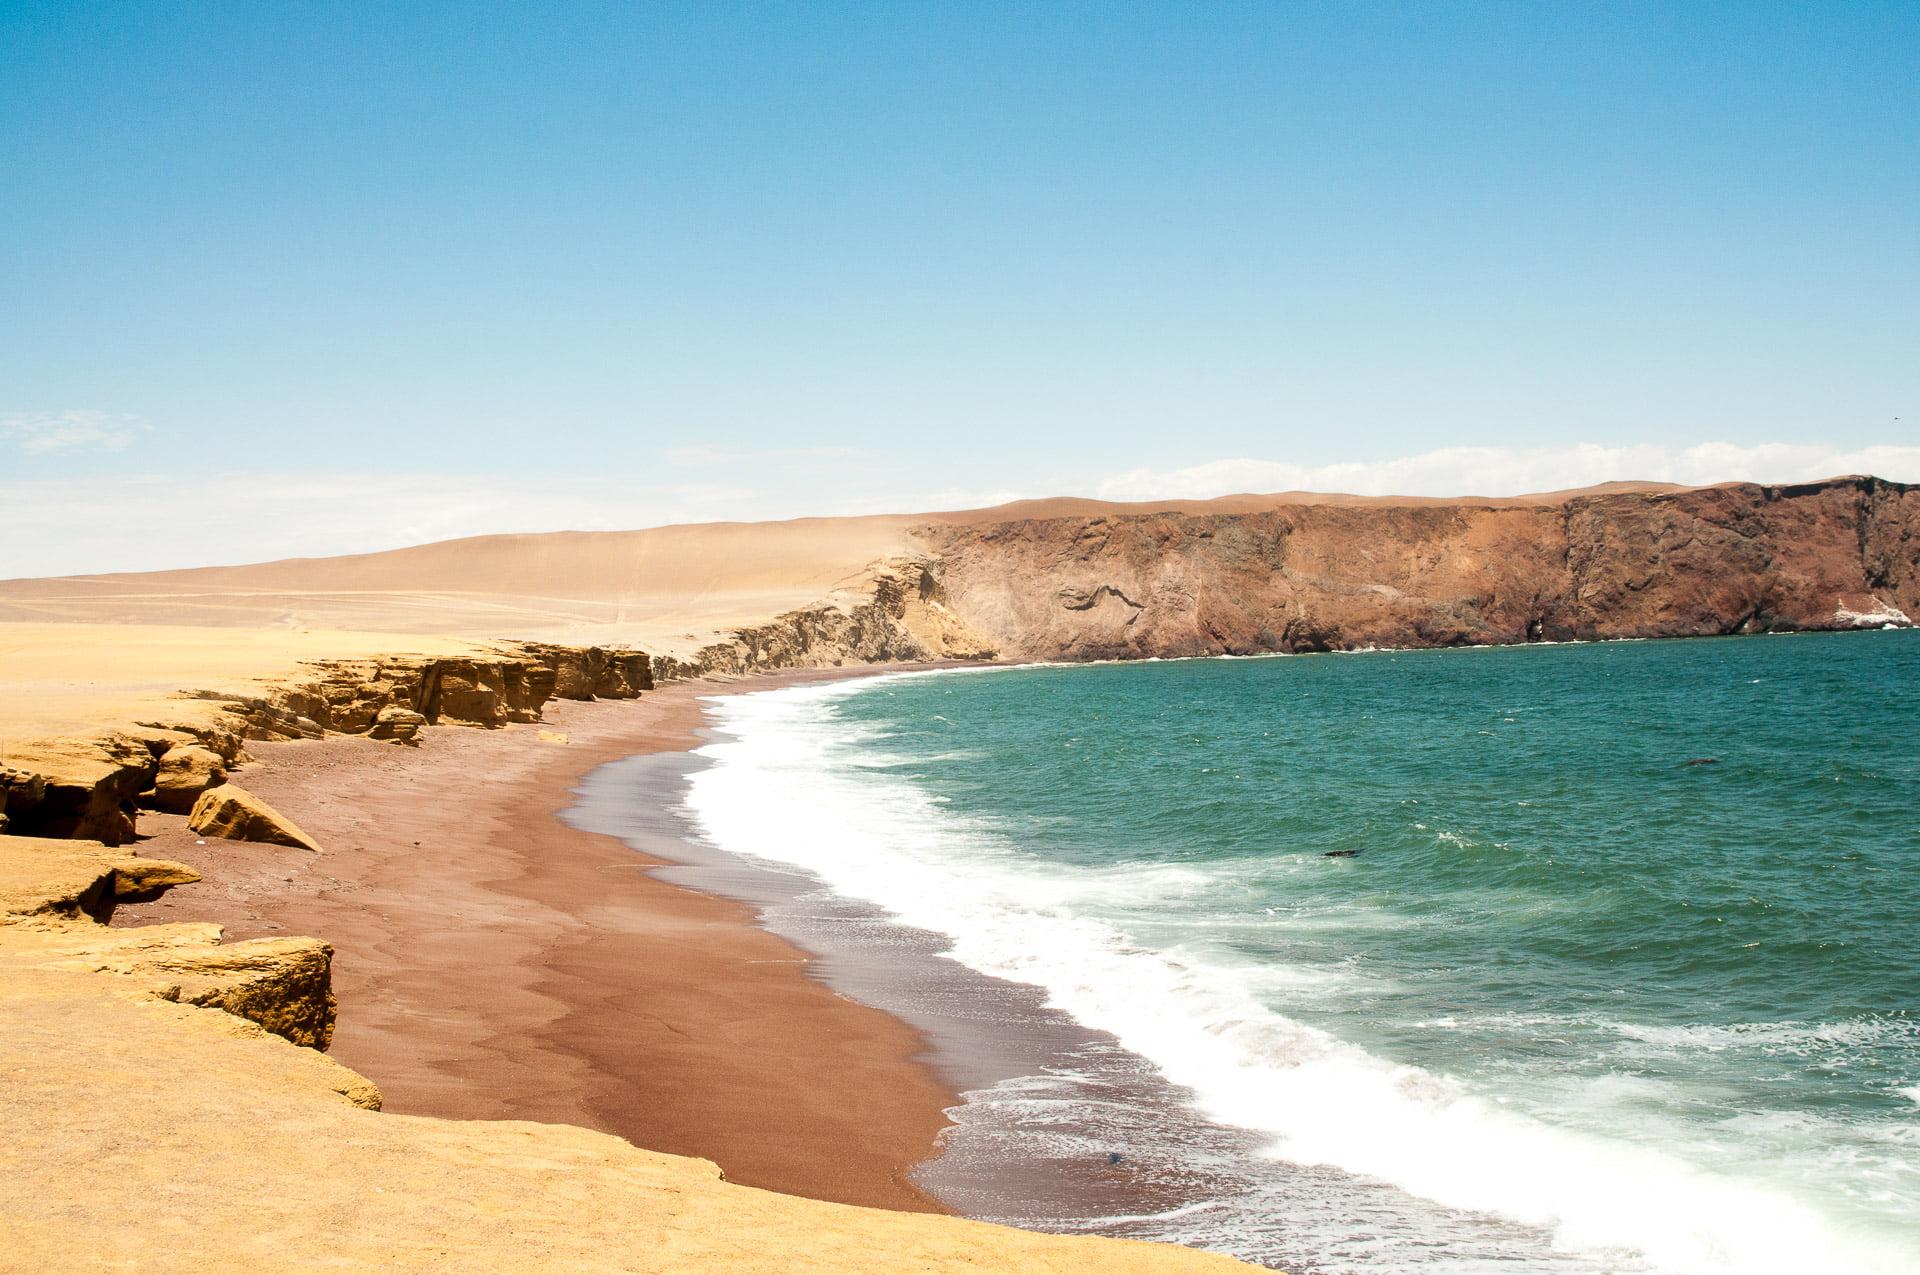 côte de sable rouge du désert de Paracas au Pérou